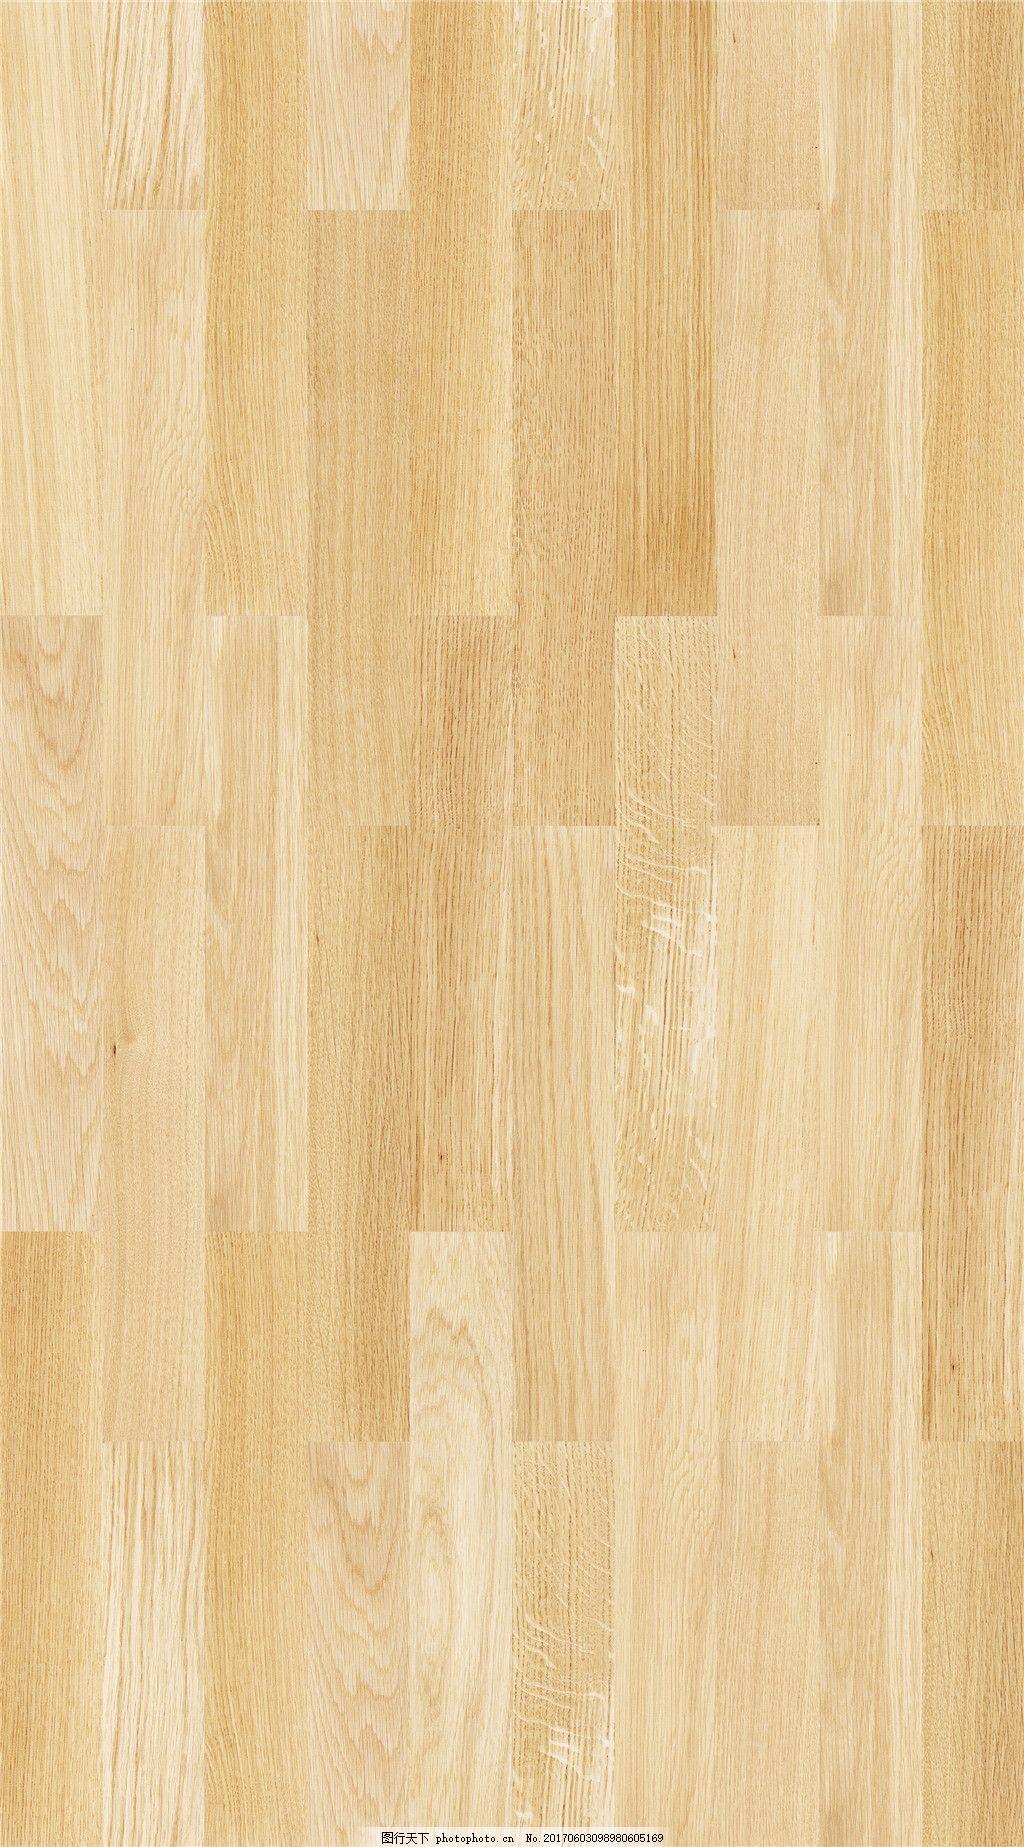 浅色拼接木纹贴图,背景素材 高清木纹 木地板 堆叠-图